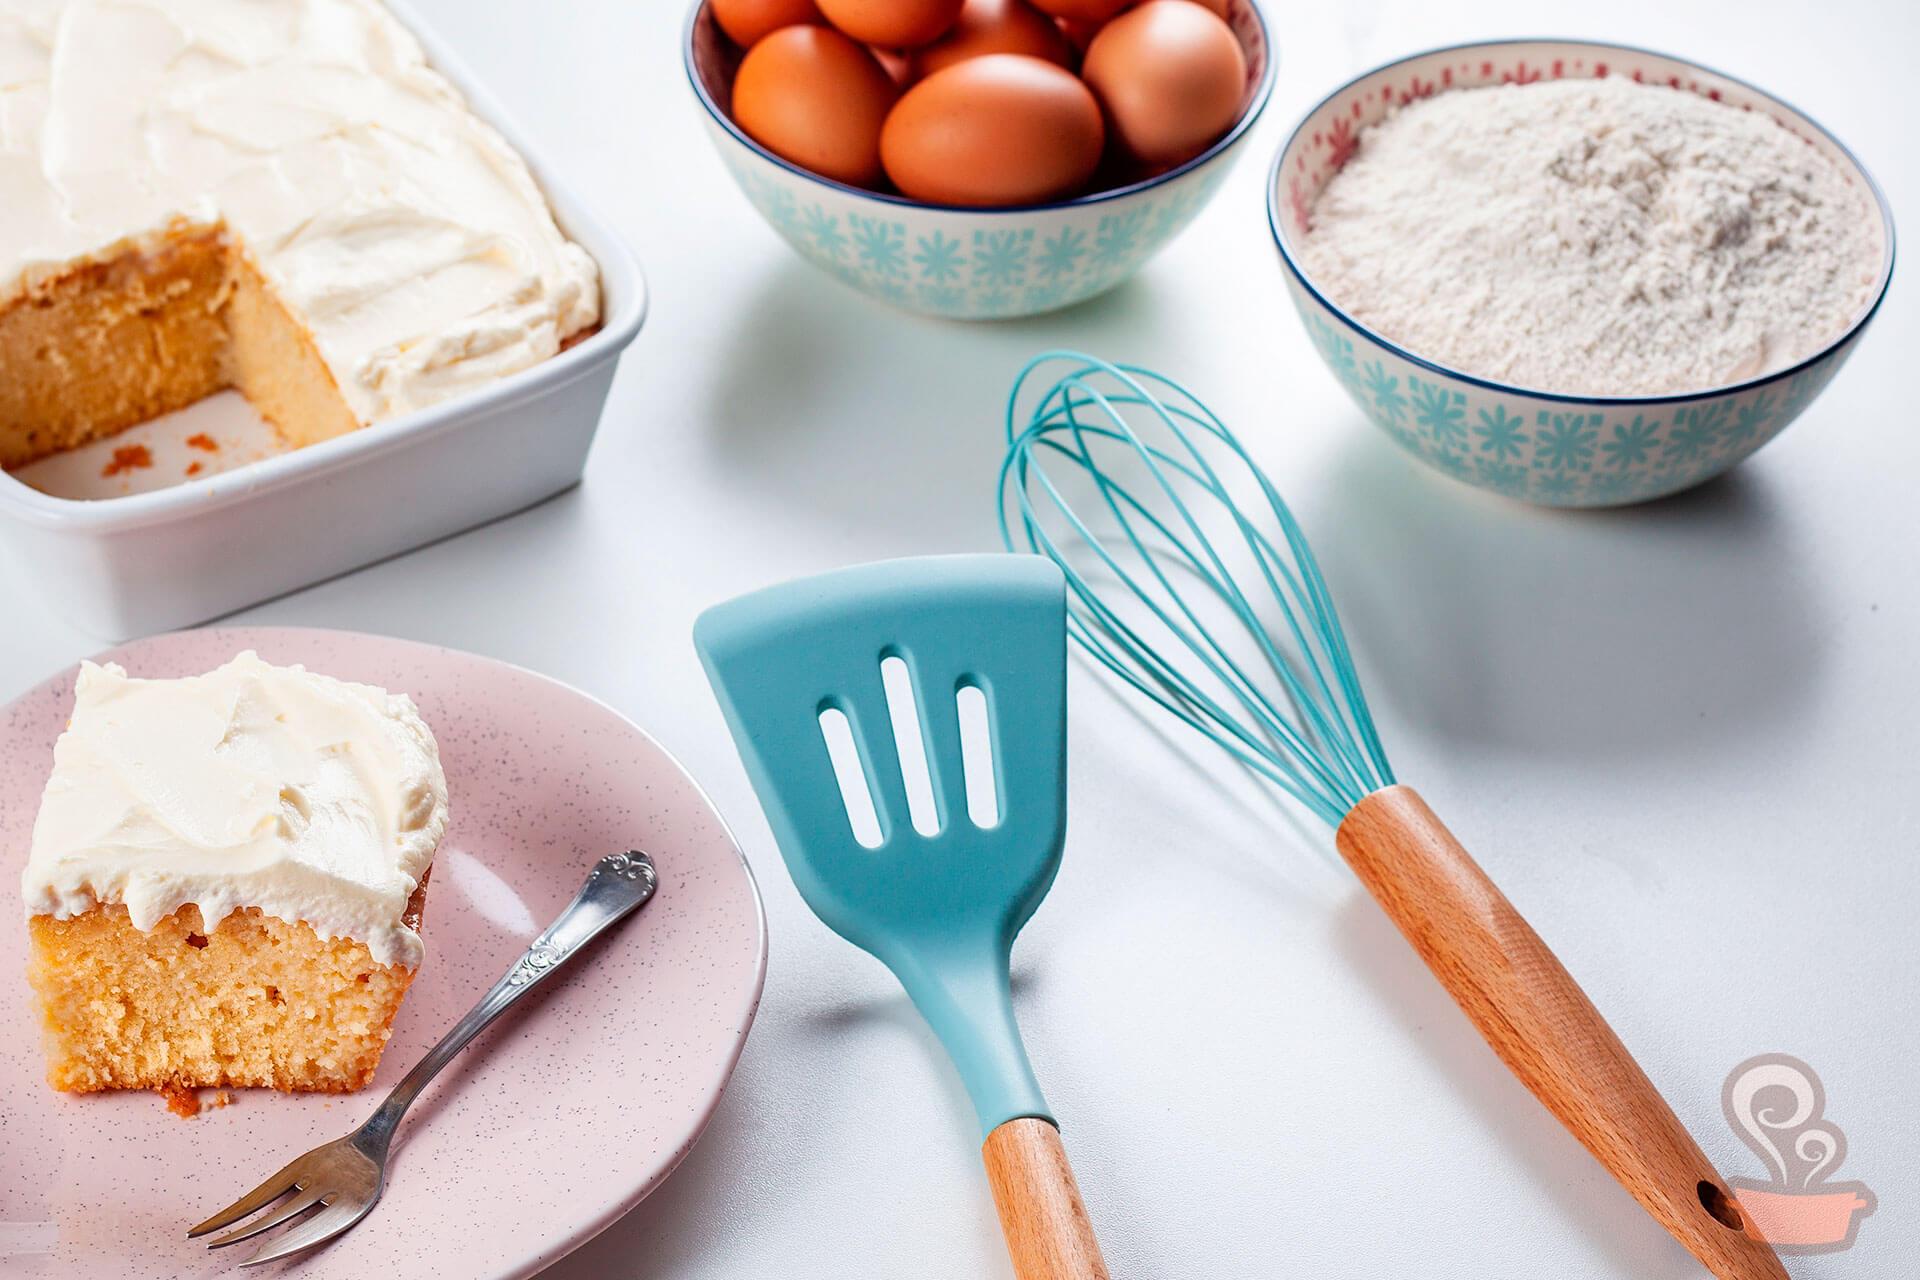 Imagem: Utensílios, tigelas, travessa refratária e prato: todos da marca Oxford. Foto: Na Minha Panela